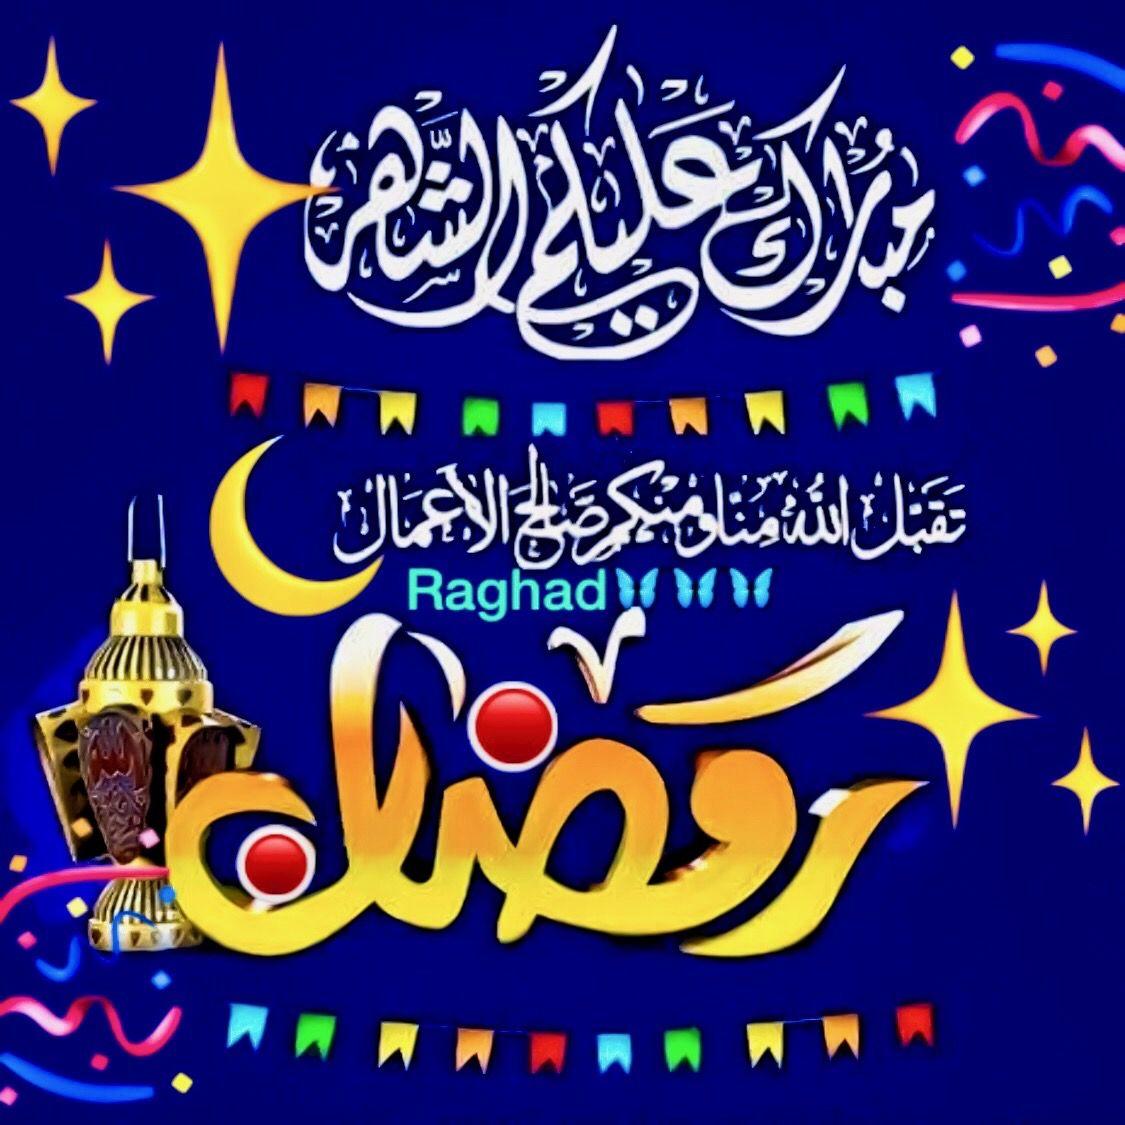 Desertrose الل هم رب ي في شهر رمضان المبارك يس ر أمورنا وأمور أحبتنا وفر ج همومنا وهموم أحبتنا وارزقنا يارب بلا حساب من حي Ramadan Kareem Ramadan Kareem